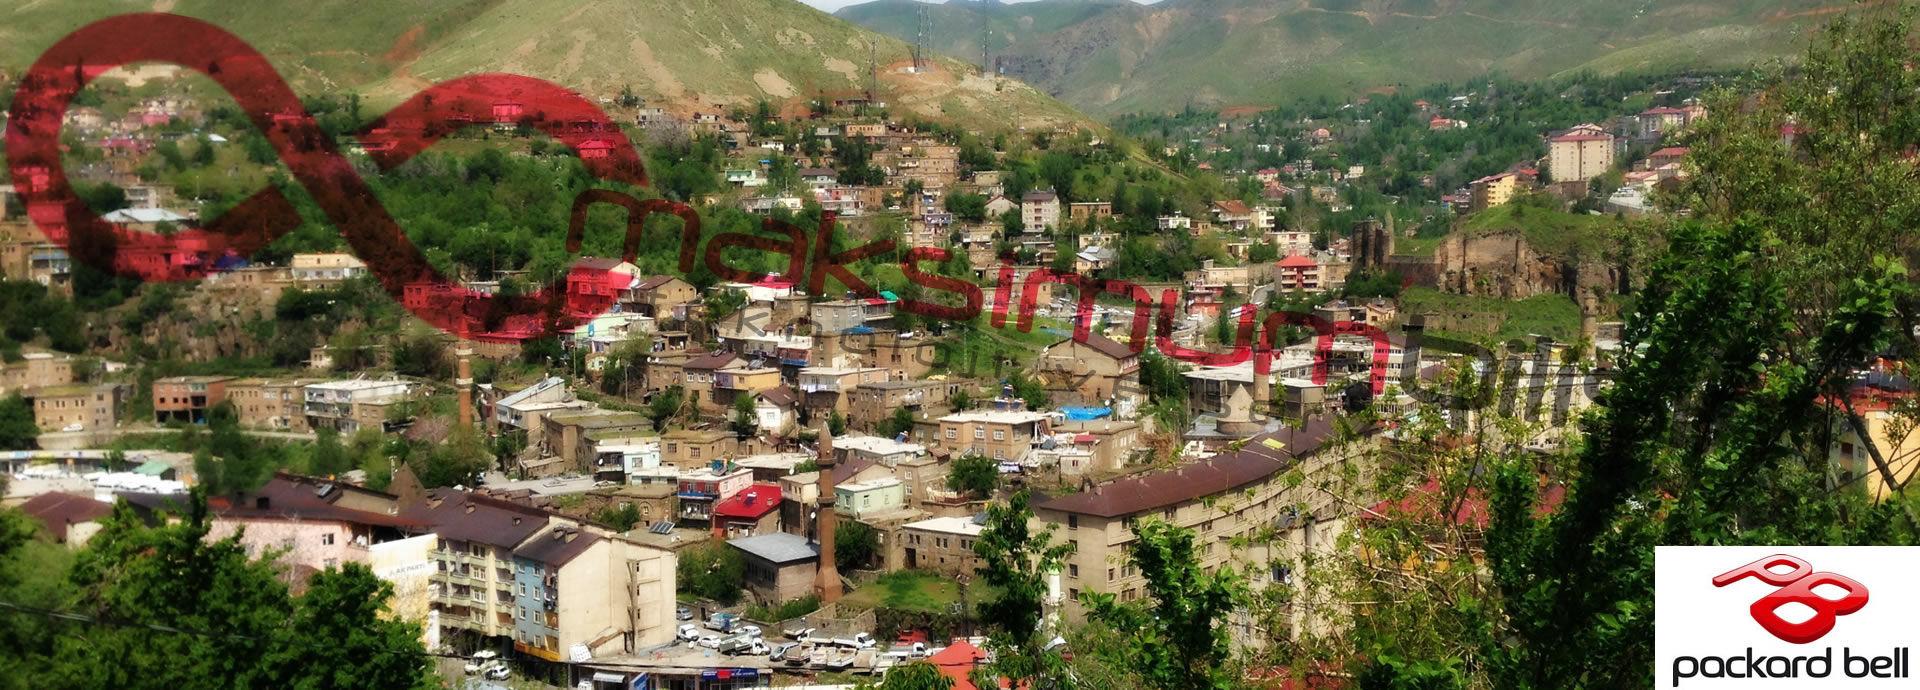 Bitlis PackardBell Servis